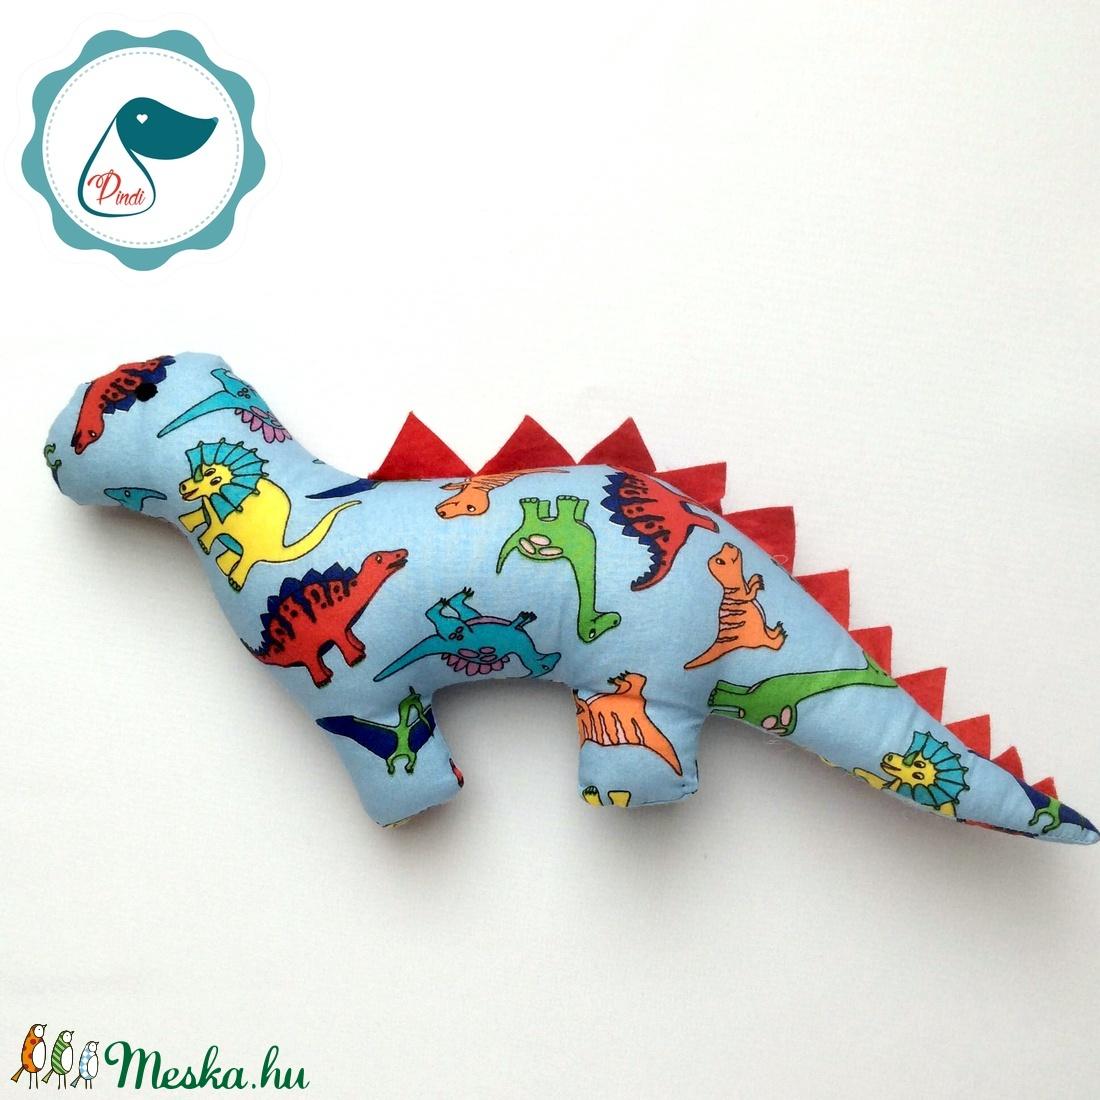 Dinószaurusz - dinó mintás egyedi tervezésű kézműves játék - textiljáték - dinó gyerek játék - Meska.hu